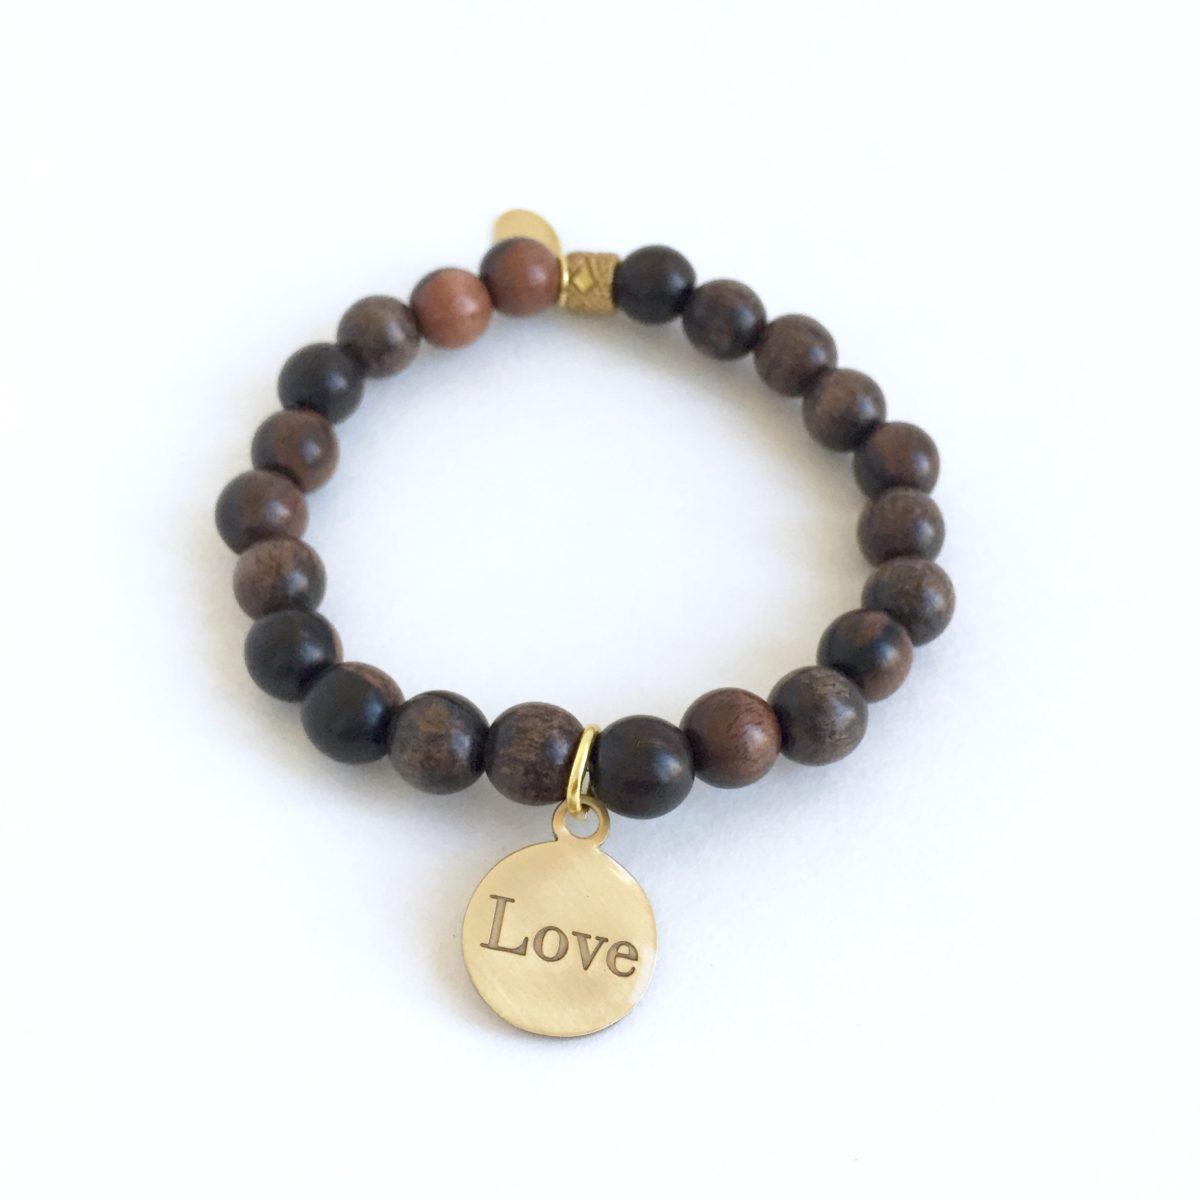 Simply Eartha Love charm bracelet in wood